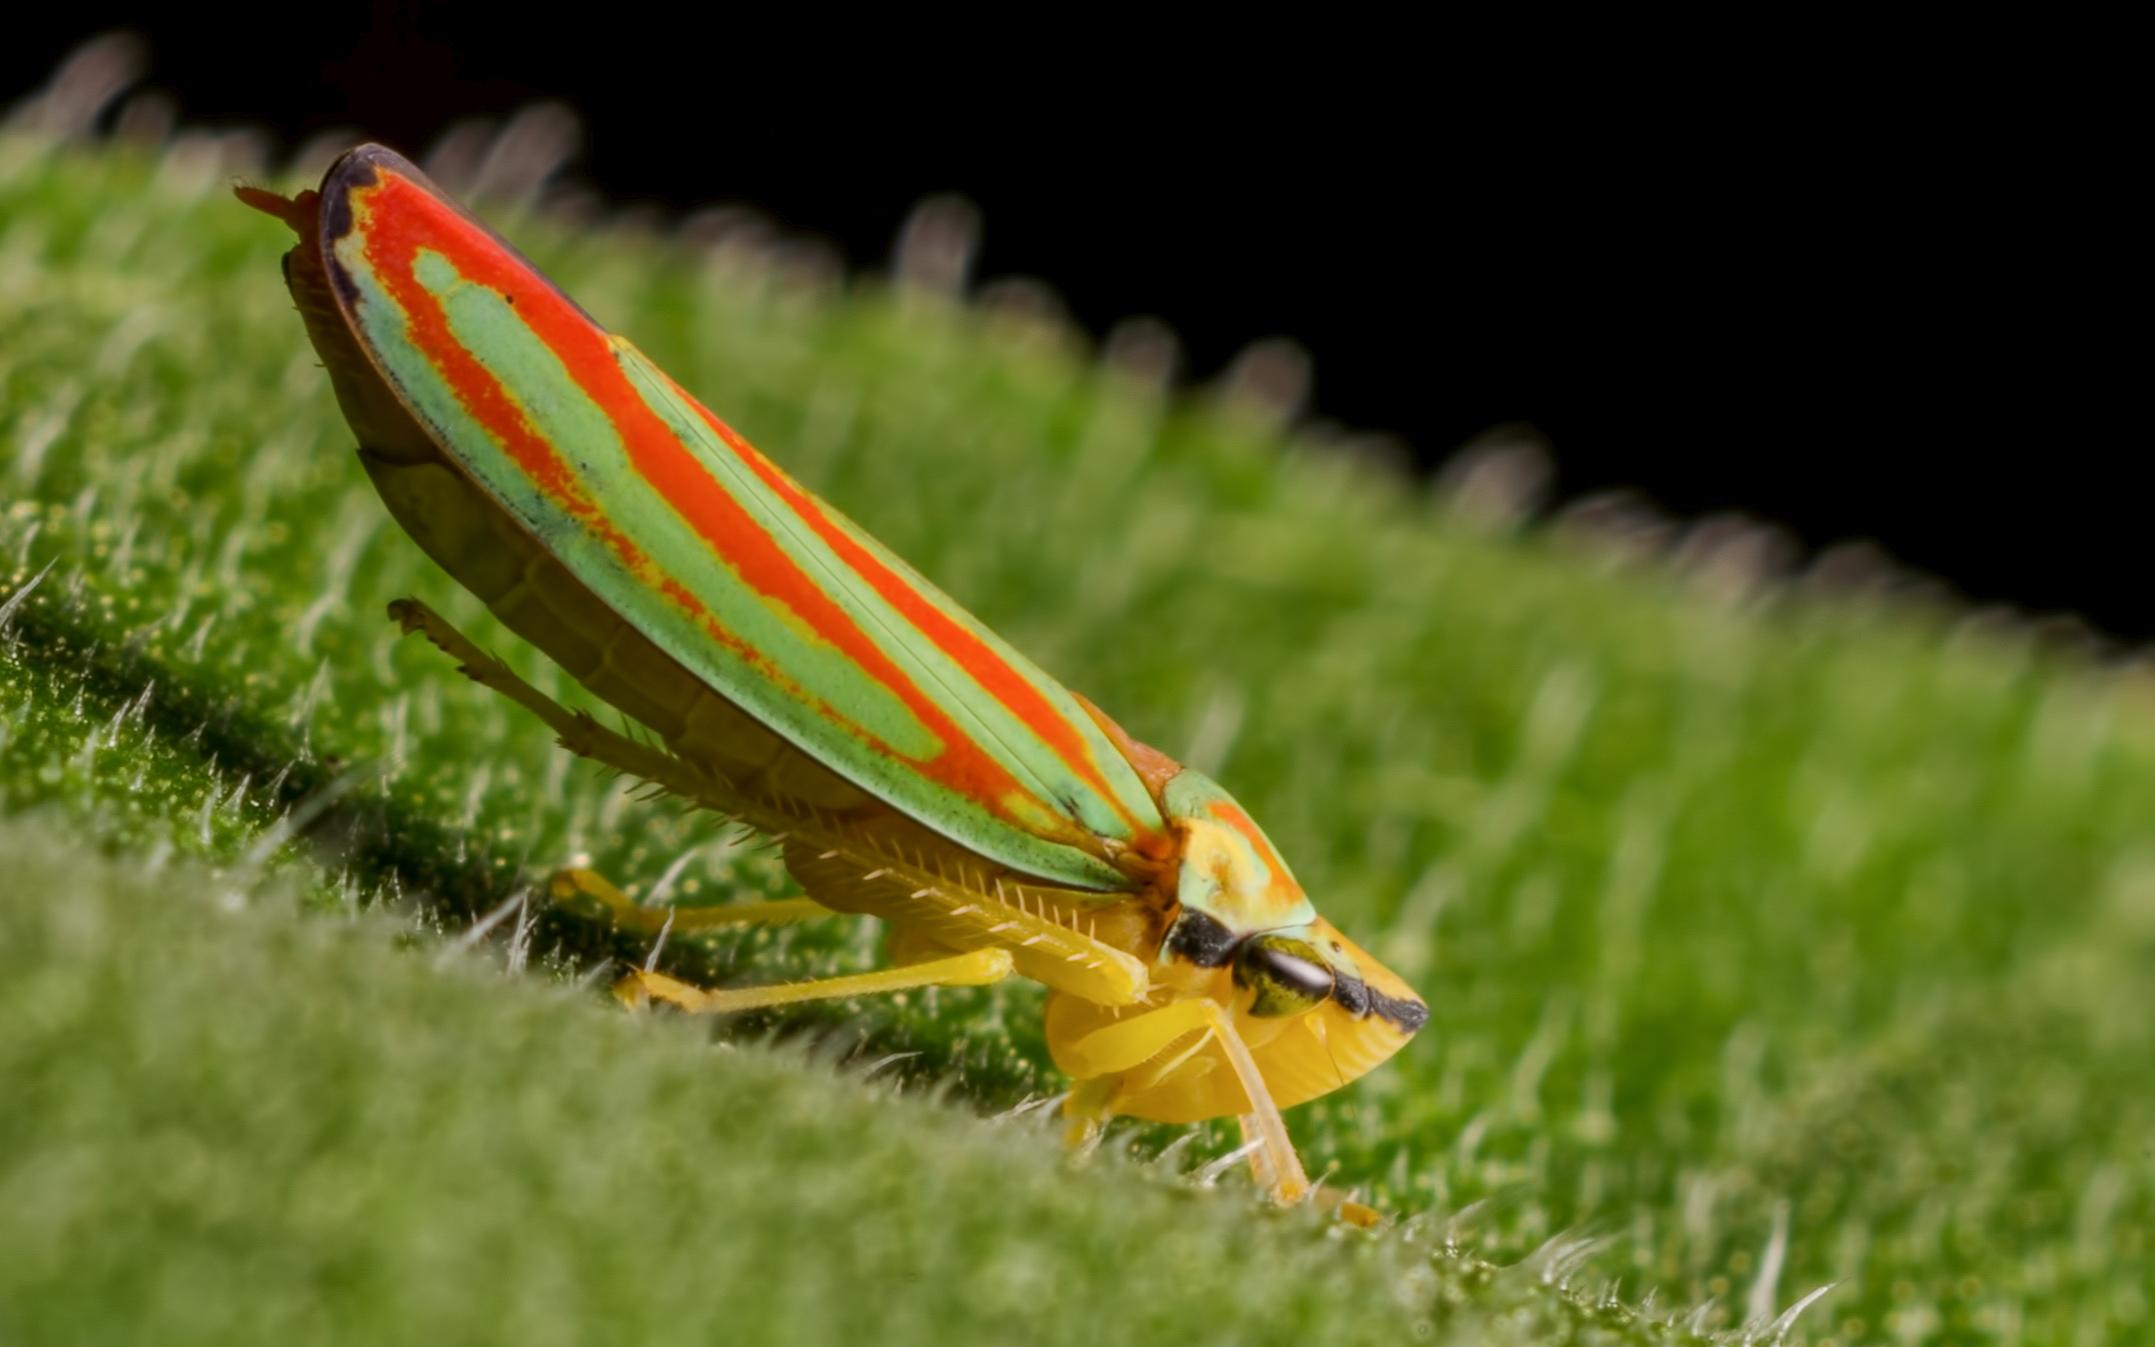 Scarlet & Green Leafhopper